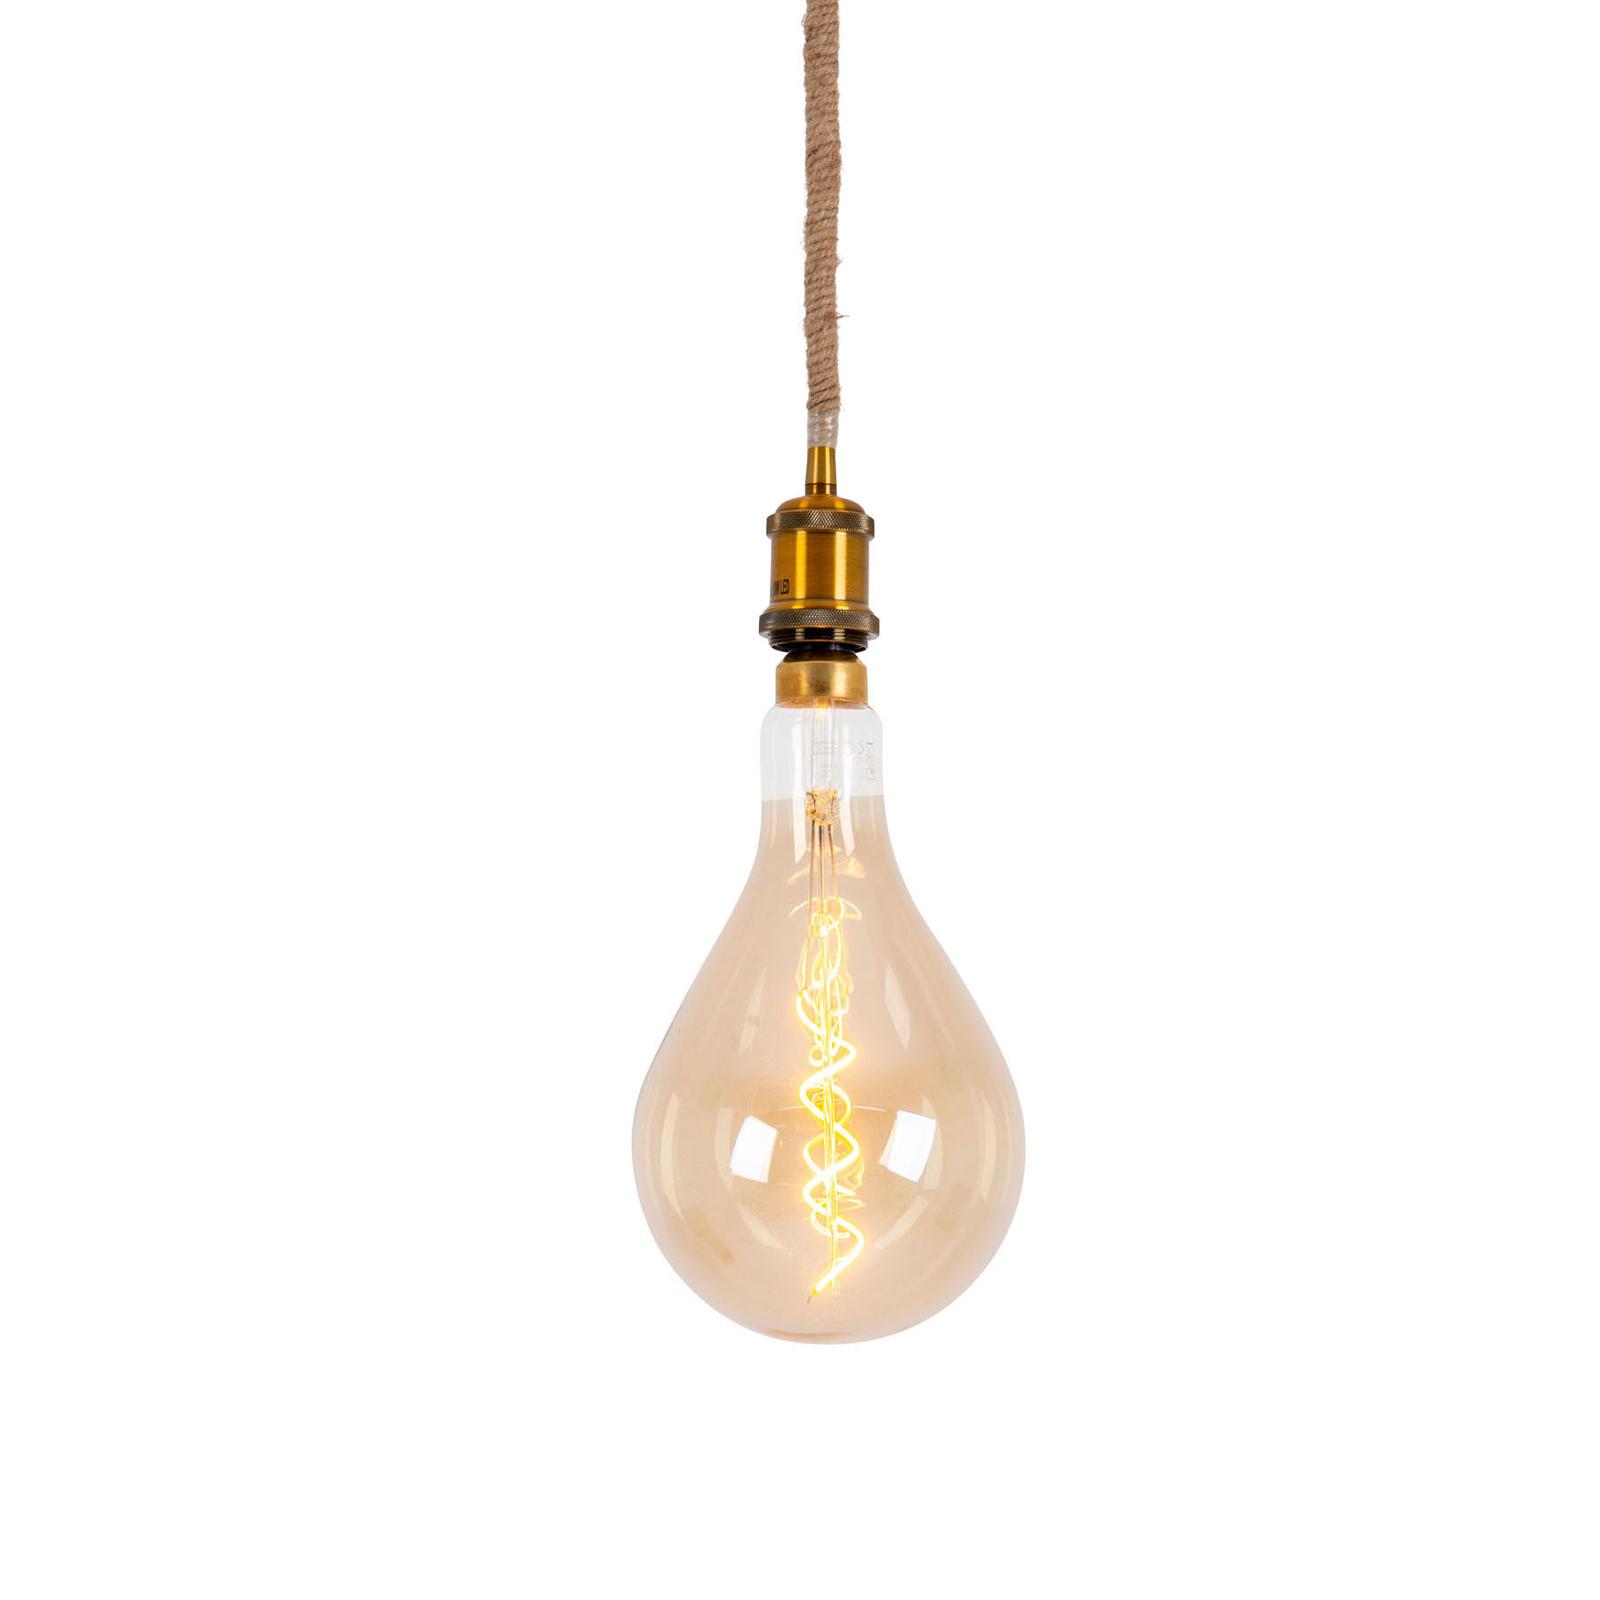 LED-riippuvalaisin Ontario, hamppuköysi, 1 lamppu